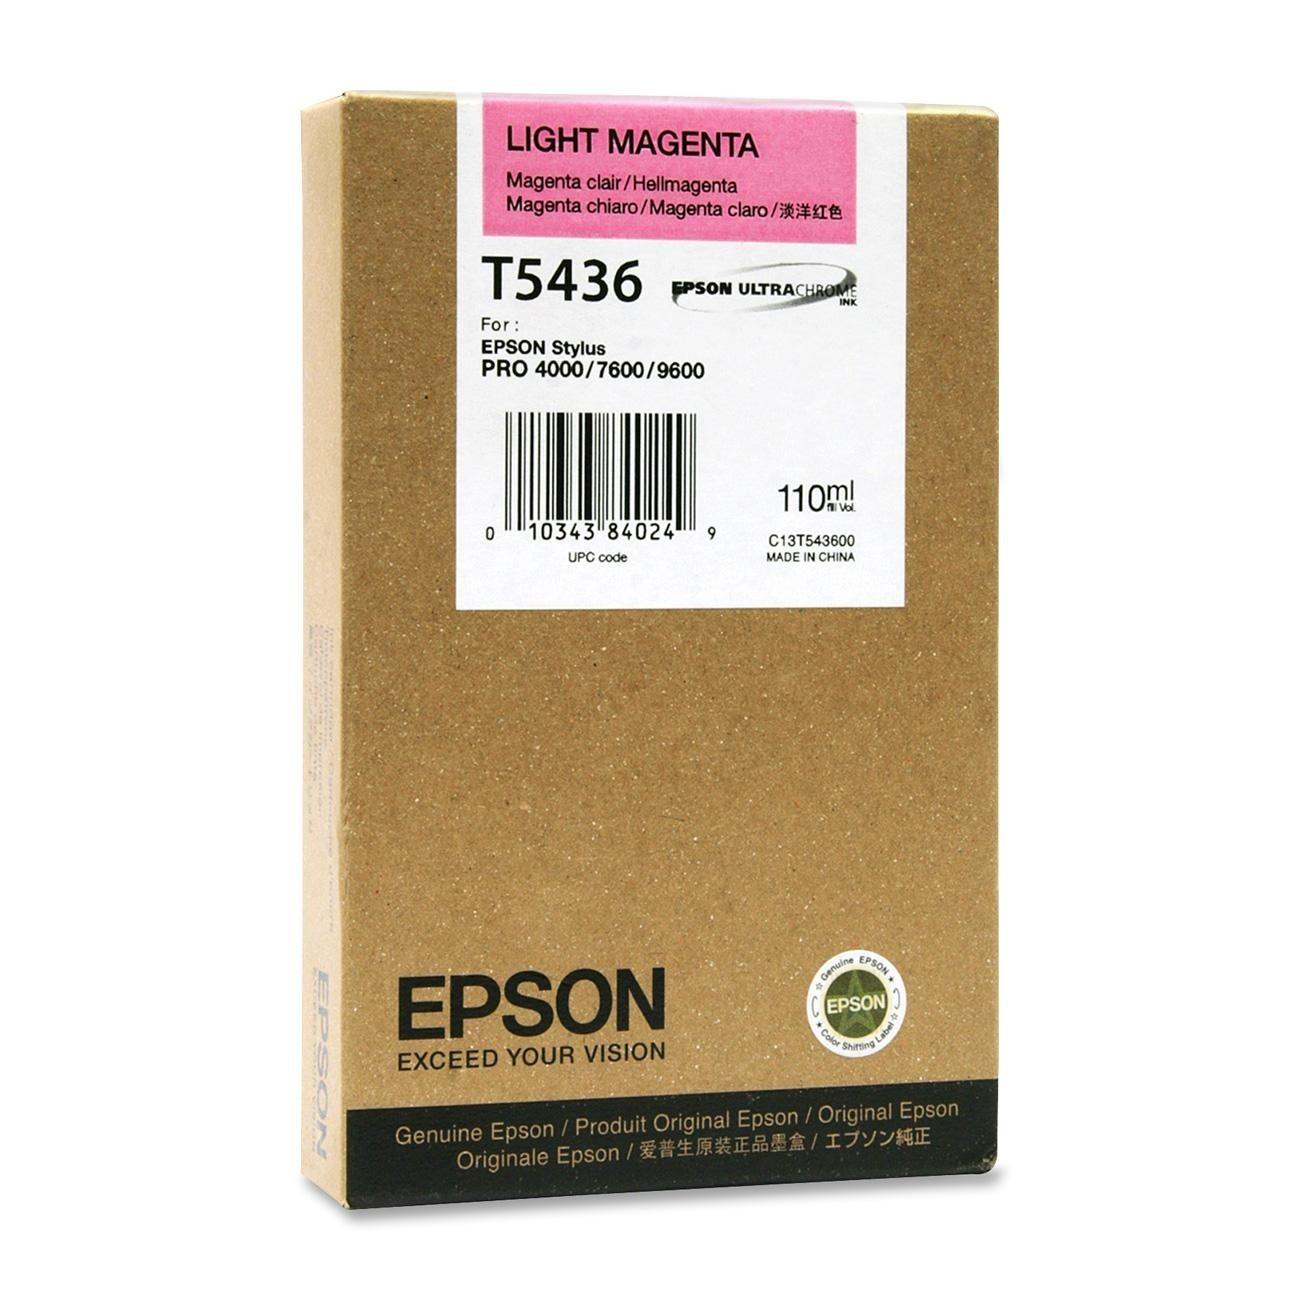 Epson T543600  cartuccia magenta-chiaro 110ml